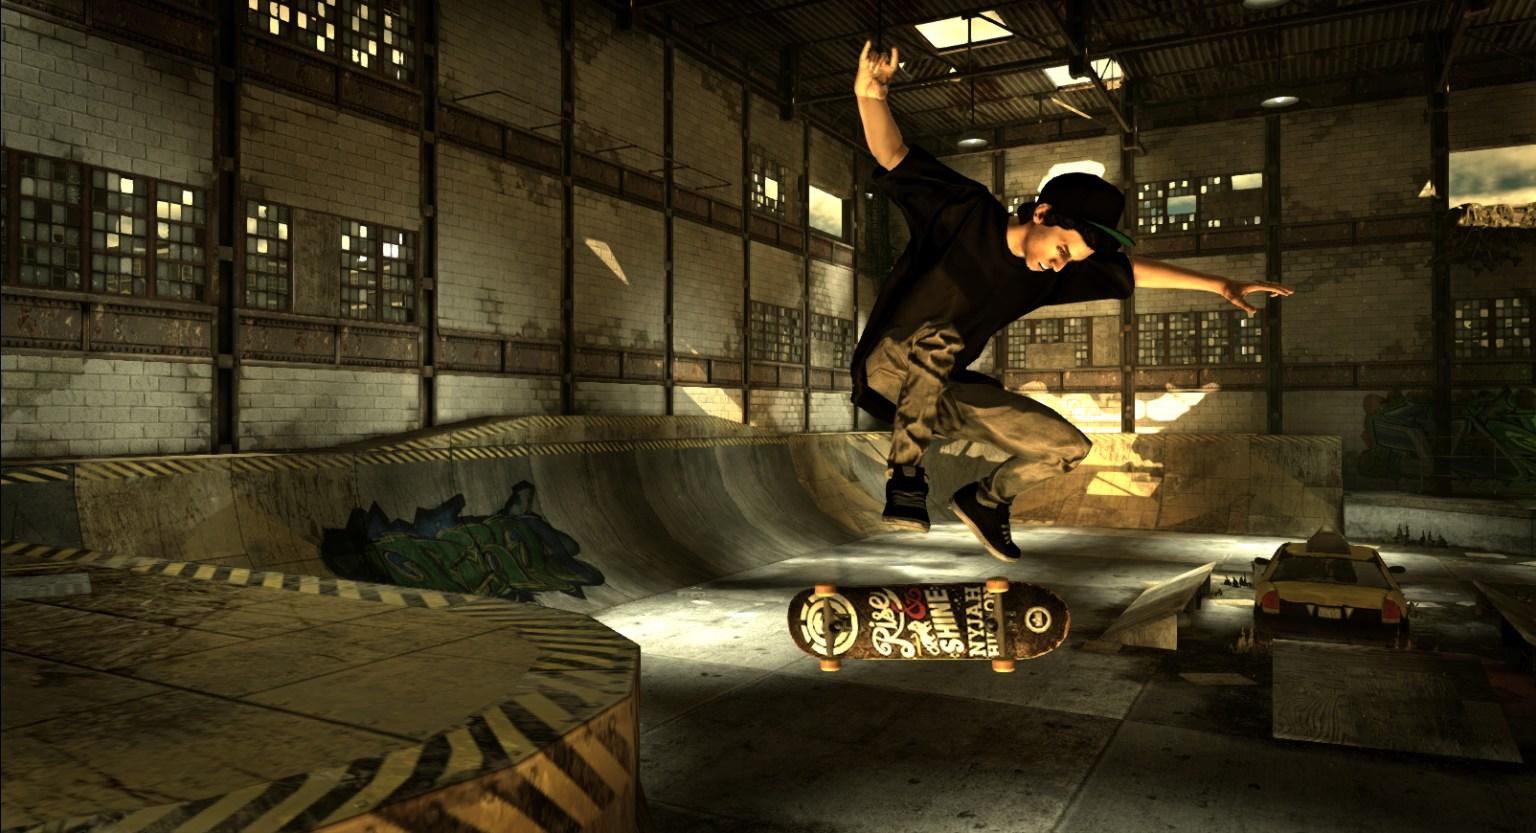 Tony Hawk, pro skater